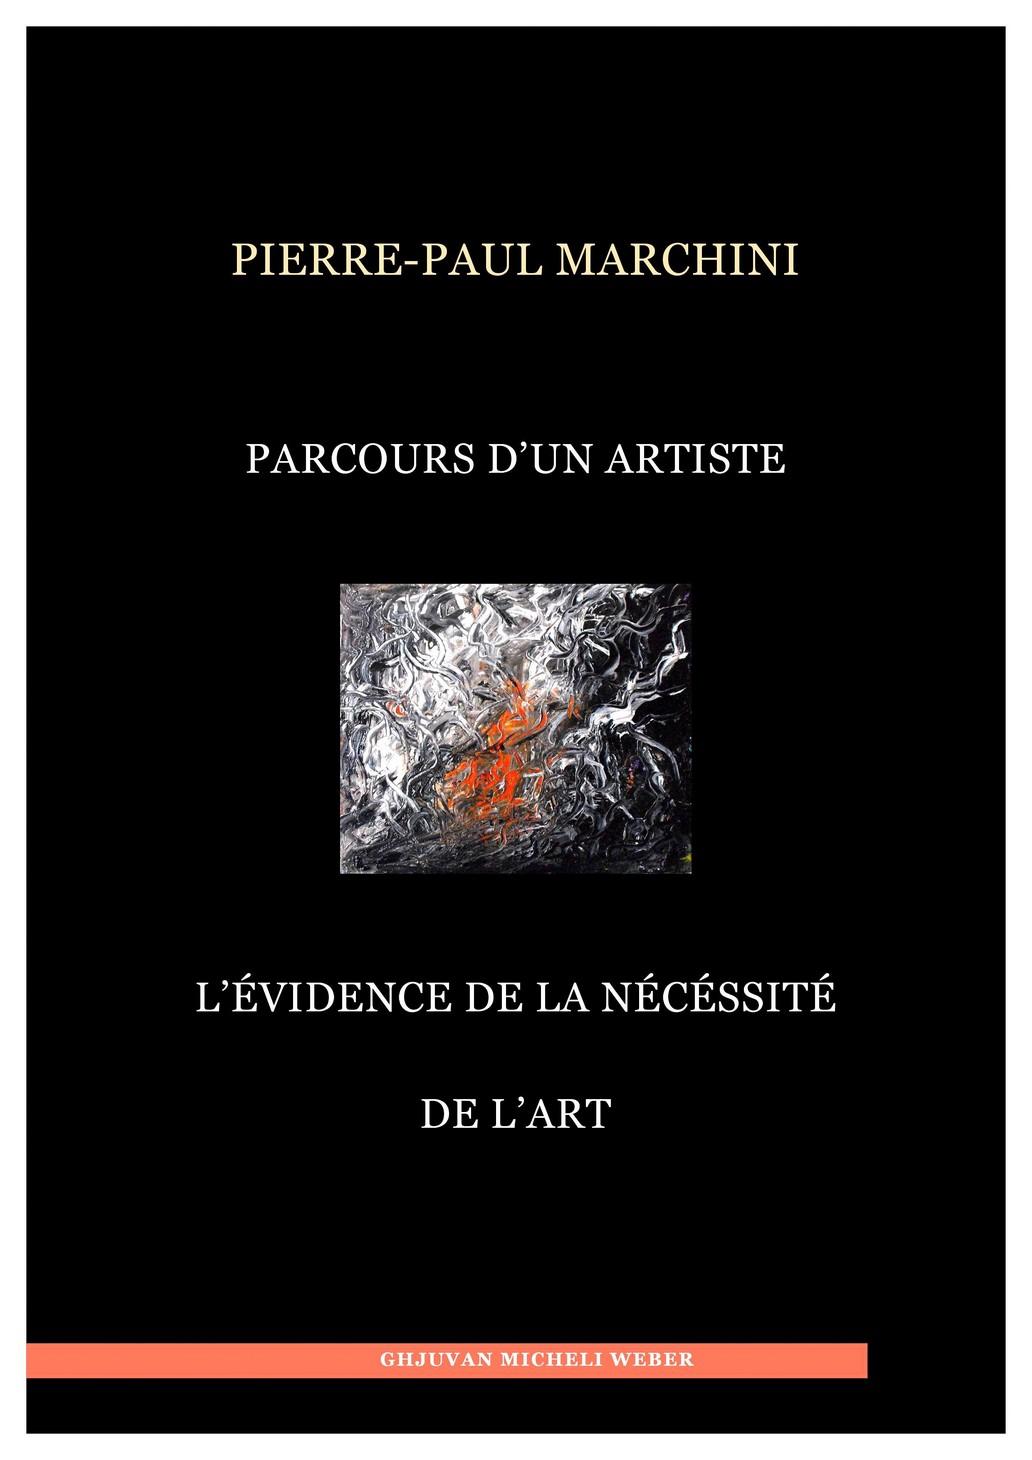 """Livre : """"Parcours d'un artiste - L'évidence de la nécessité"""" de Pierre-Paul Marchini"""